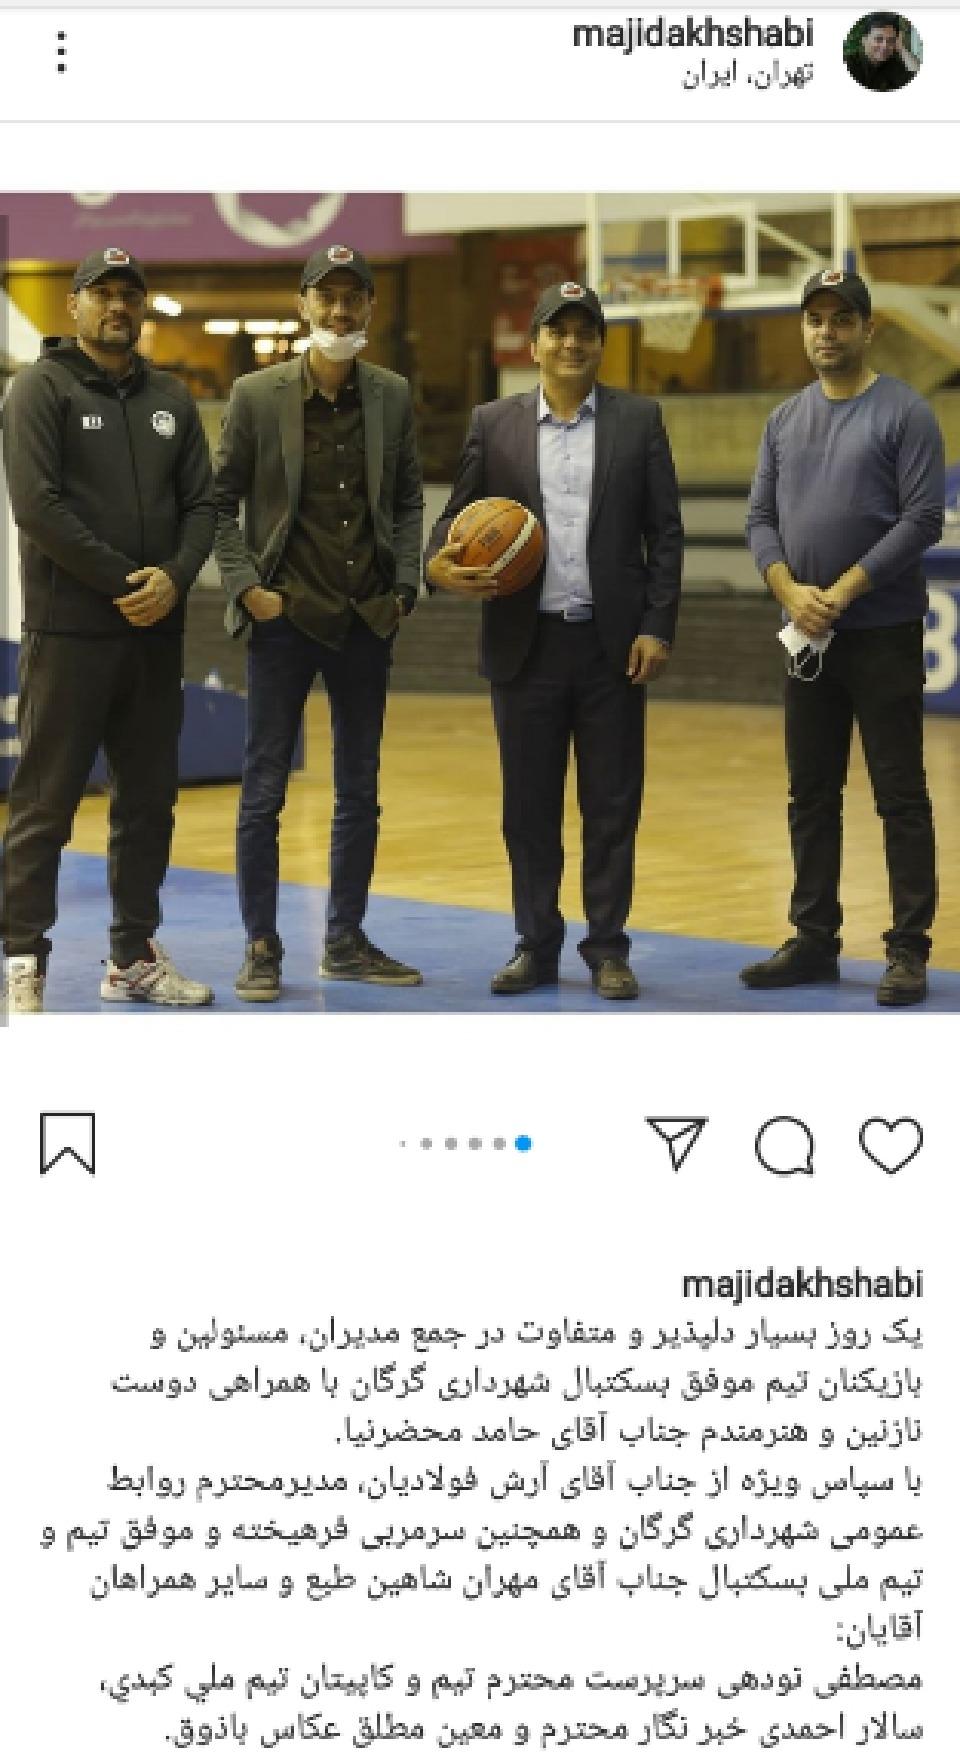 مجید اخشابی در جمع بسکتبالیست ها